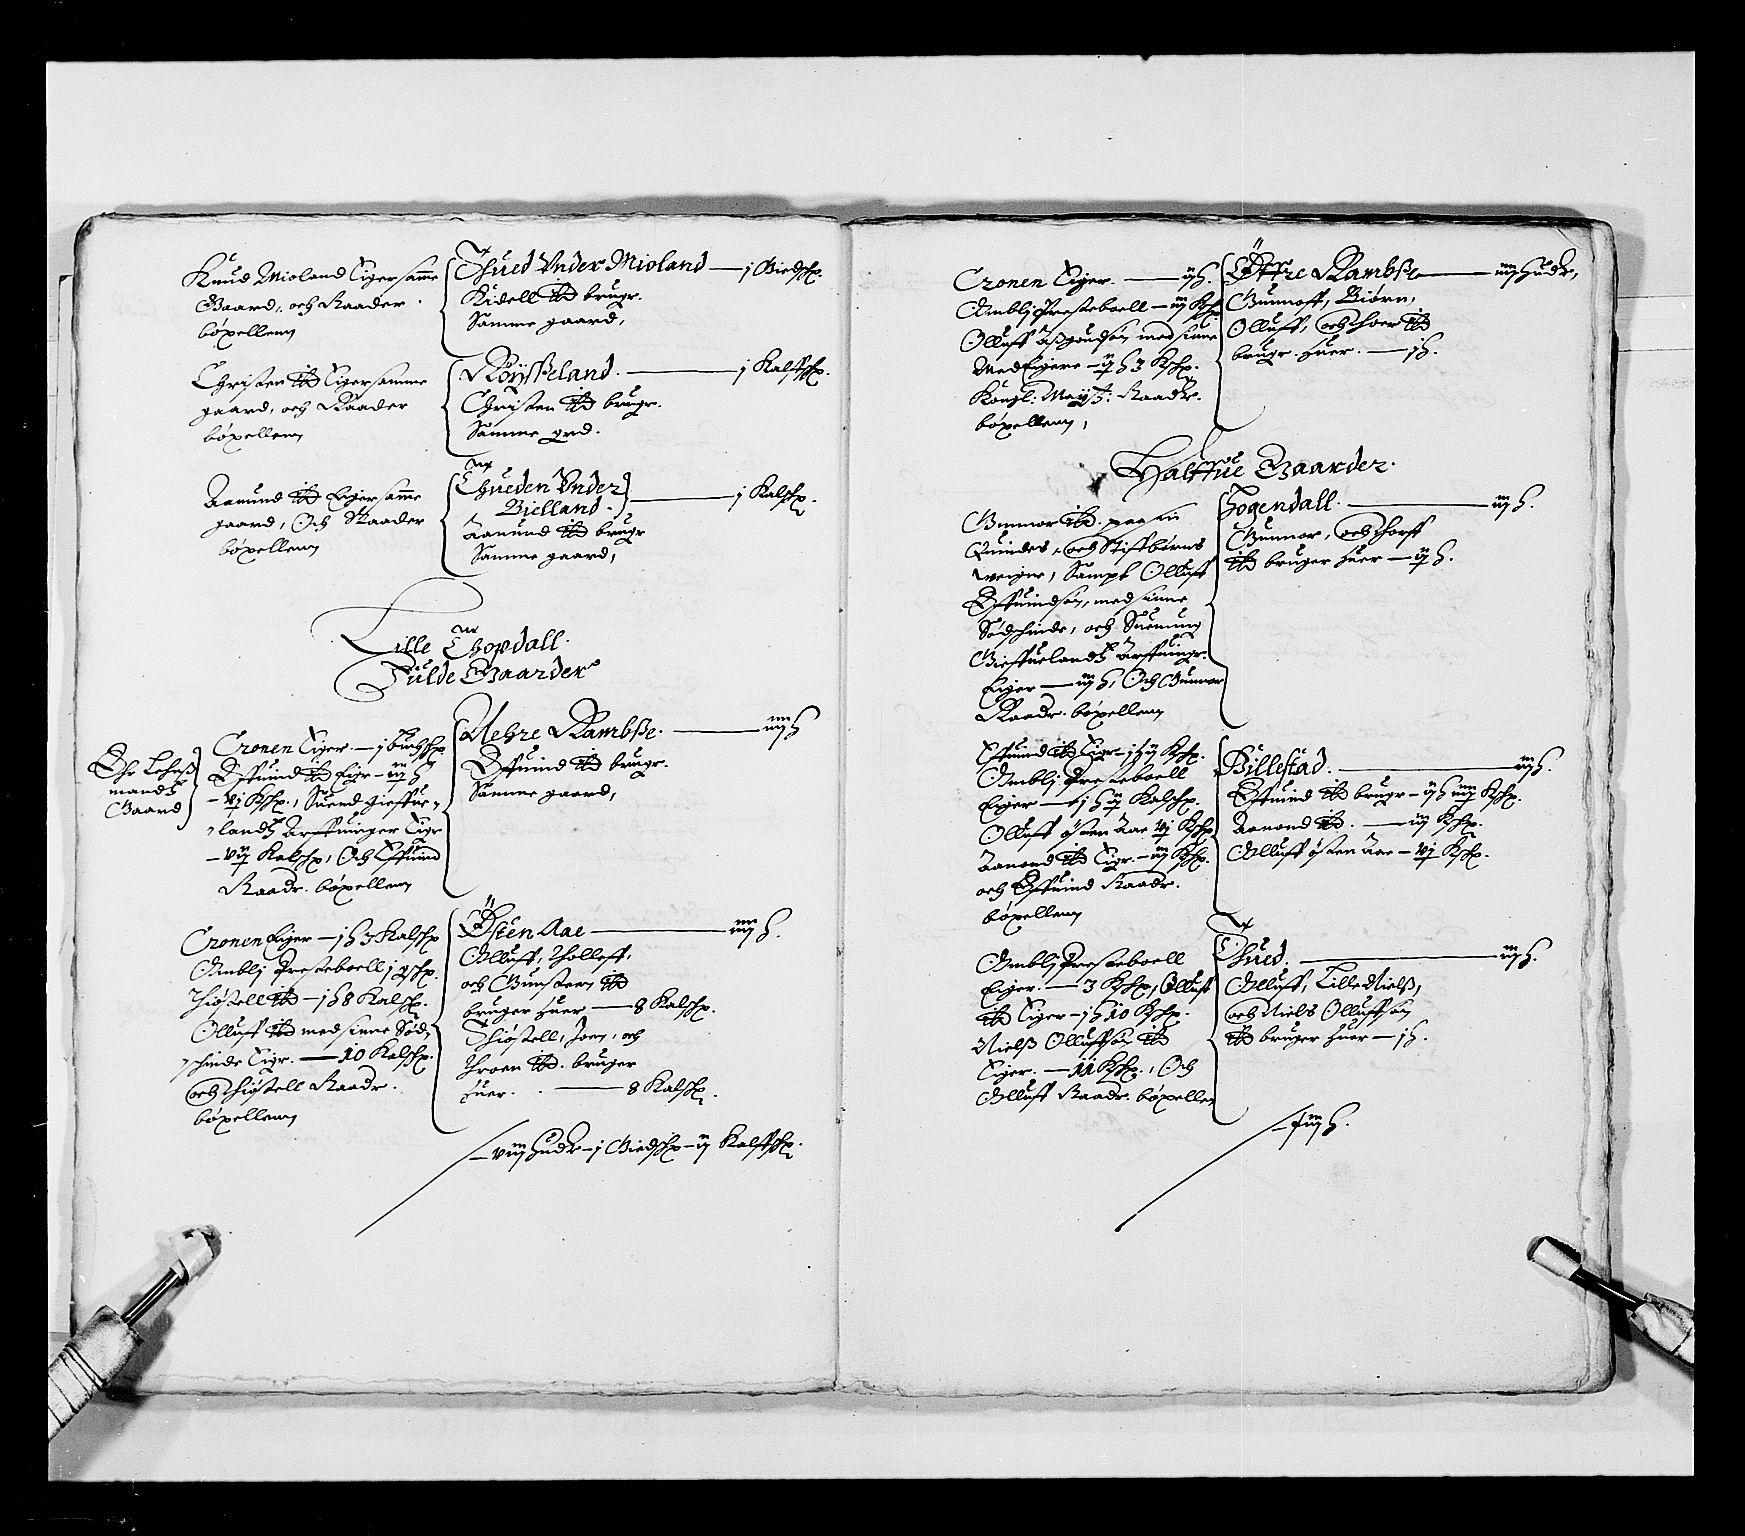 RA, Stattholderembetet 1572-1771, Ek/L0023: Jordebøker 1633-1658:, 1648-1649, s. 13